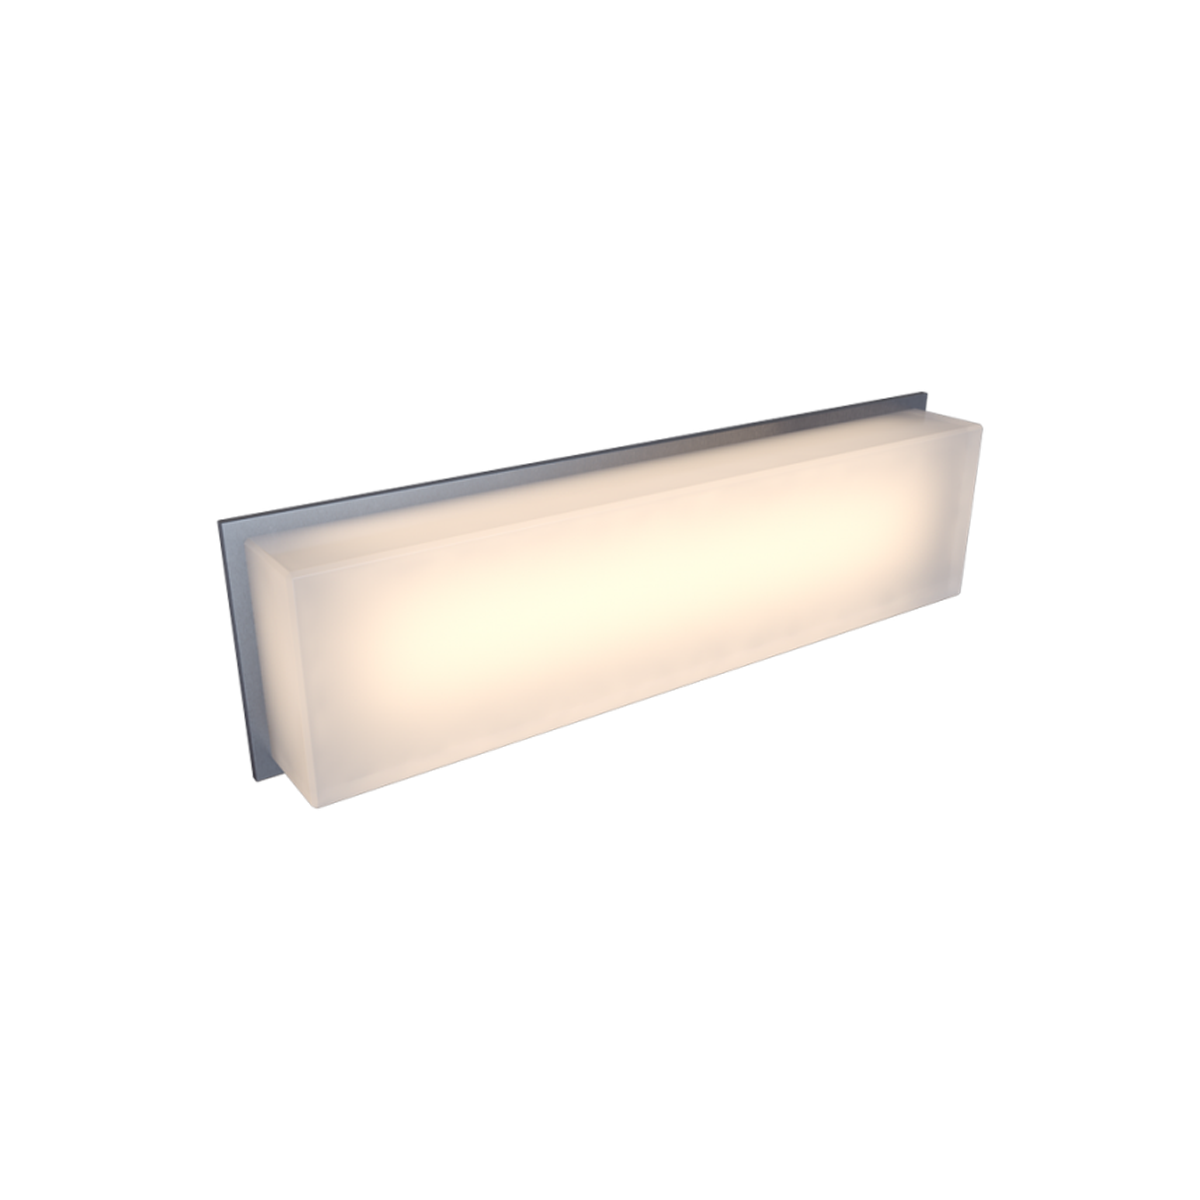 Светодиодный кирпич TRIF BRICK для декоративной подсветки